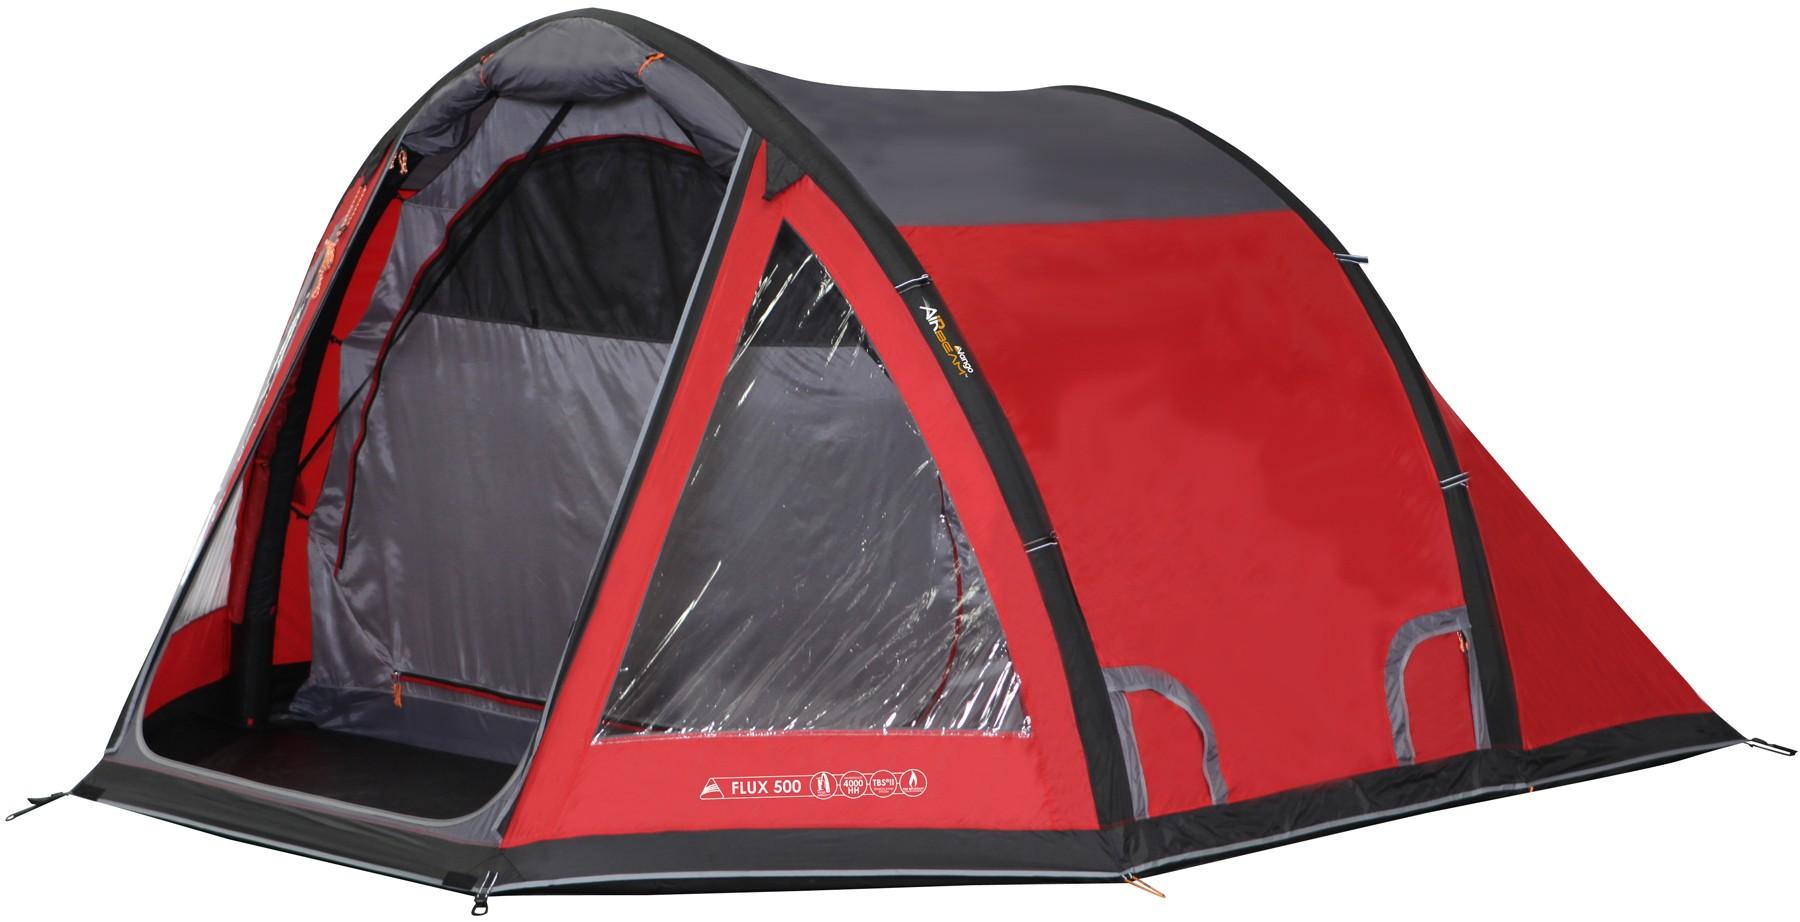 sc 1 st  Outdoor Megastore & Vango Flux 500 Airbeam Tunnel Tent